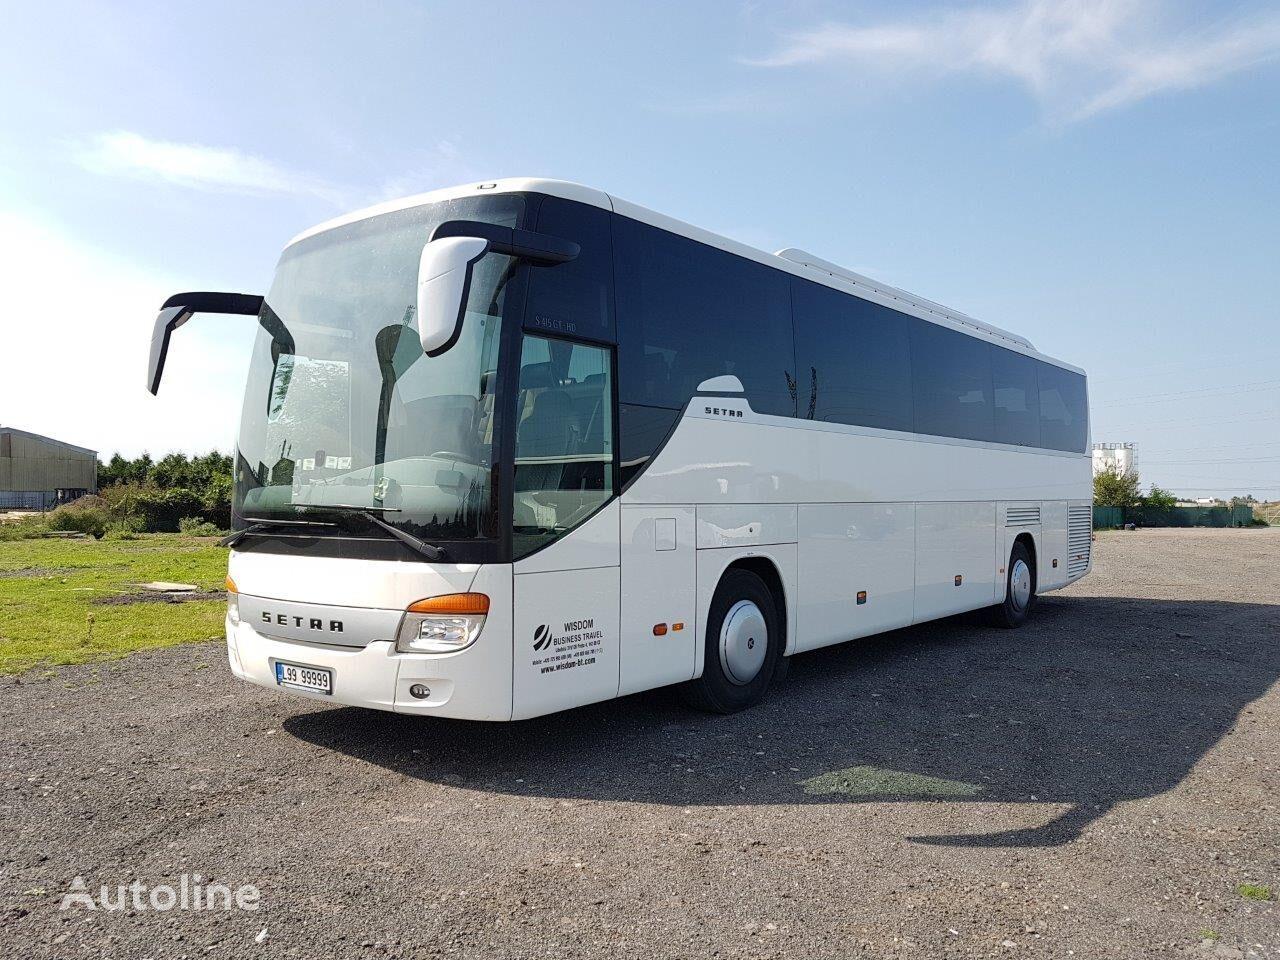 SETRA S 415 GT-HD autobús de turismo